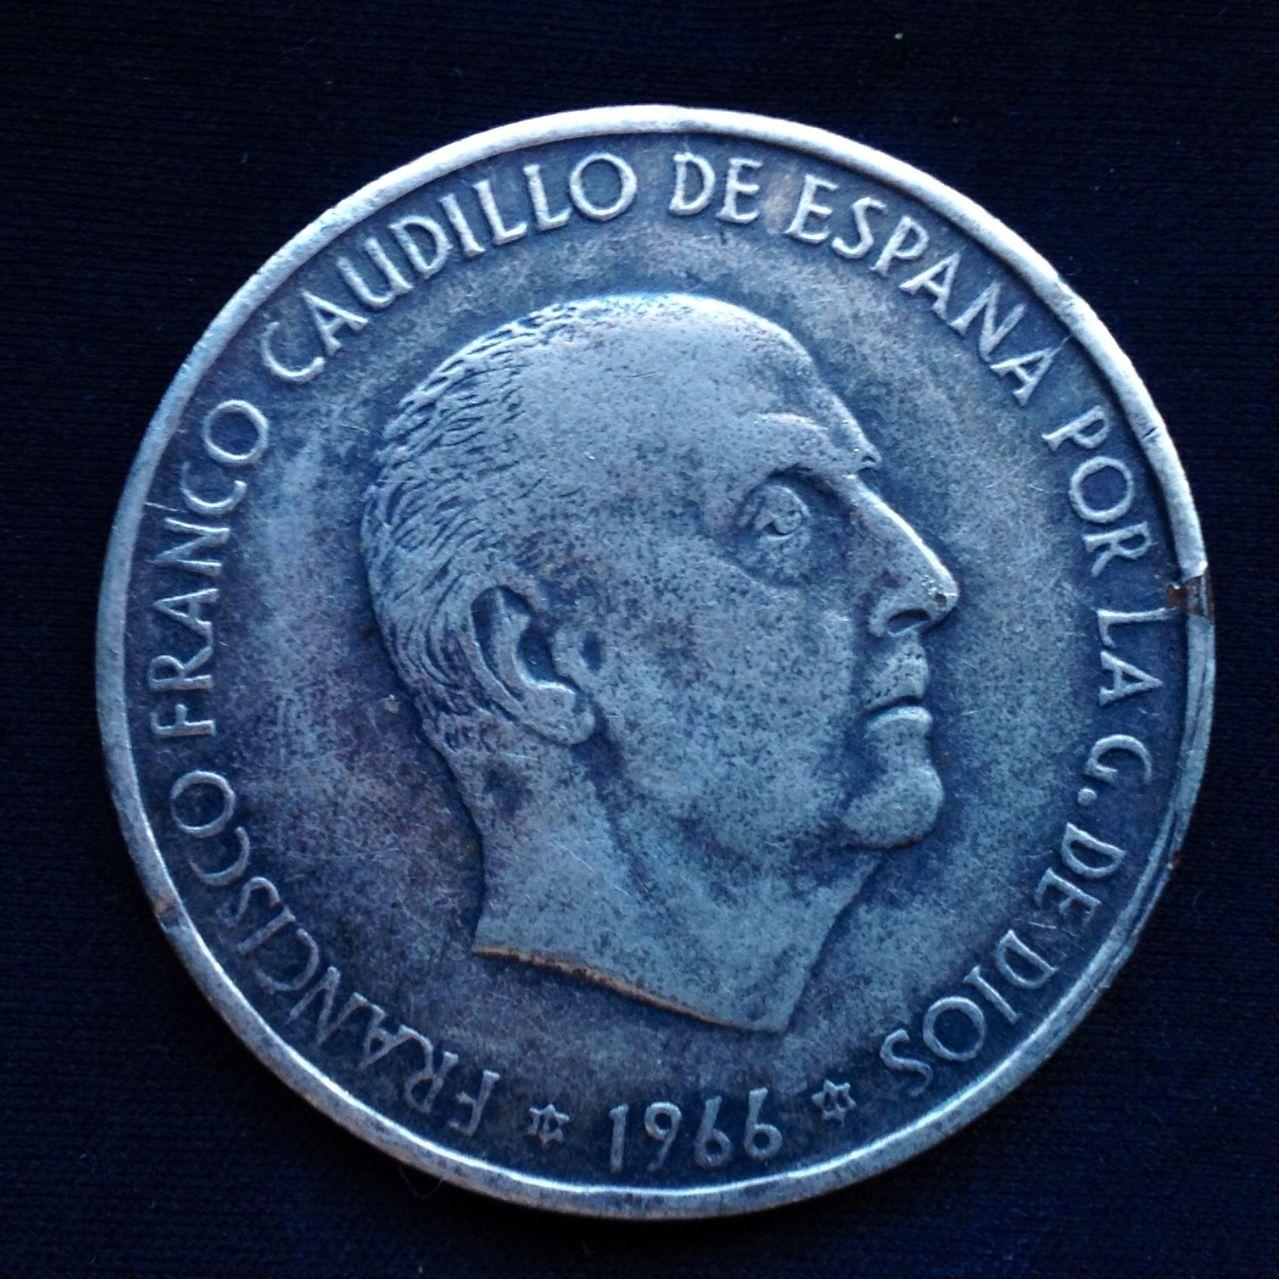 100 pesetas 1966 Image